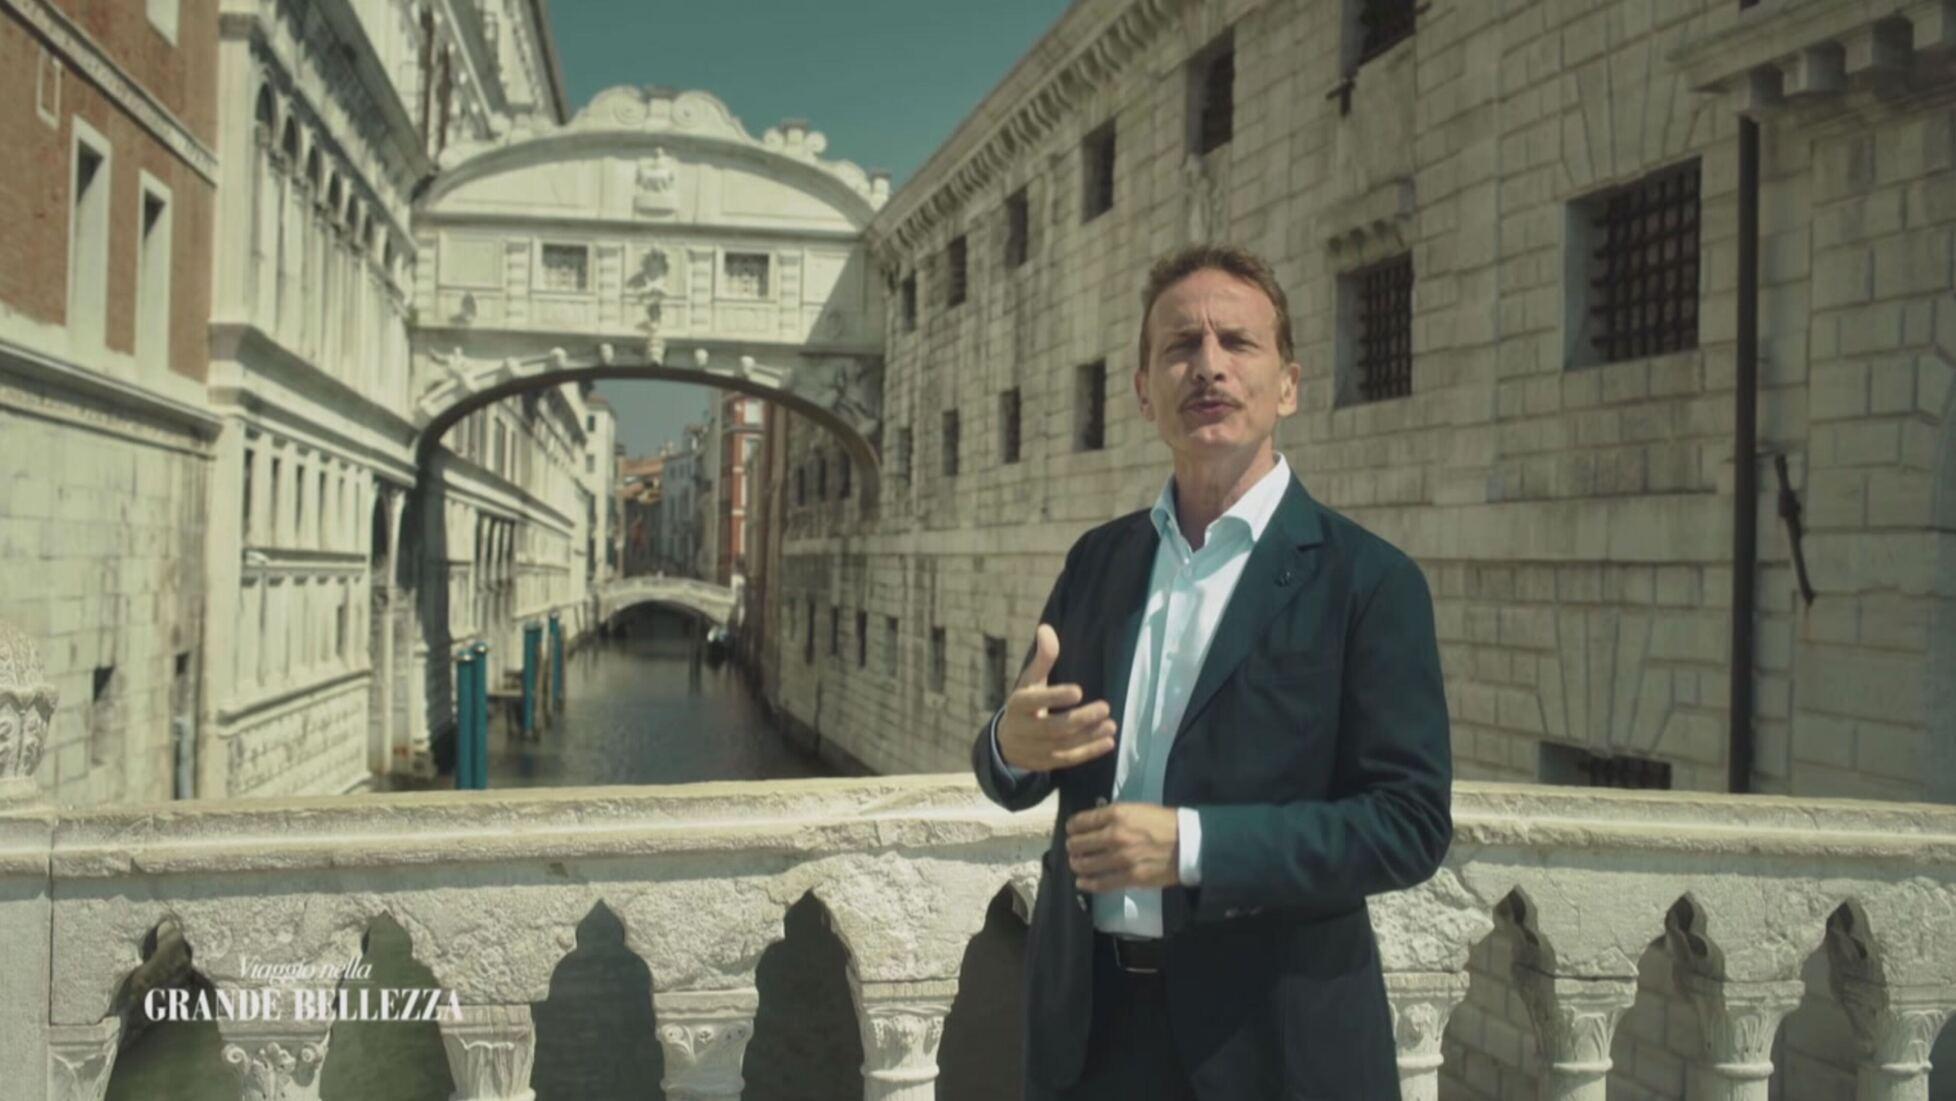 """Canale 5 chiude """"Viaggio nella grande bellezza""""? No, anzi sarà potenziato"""